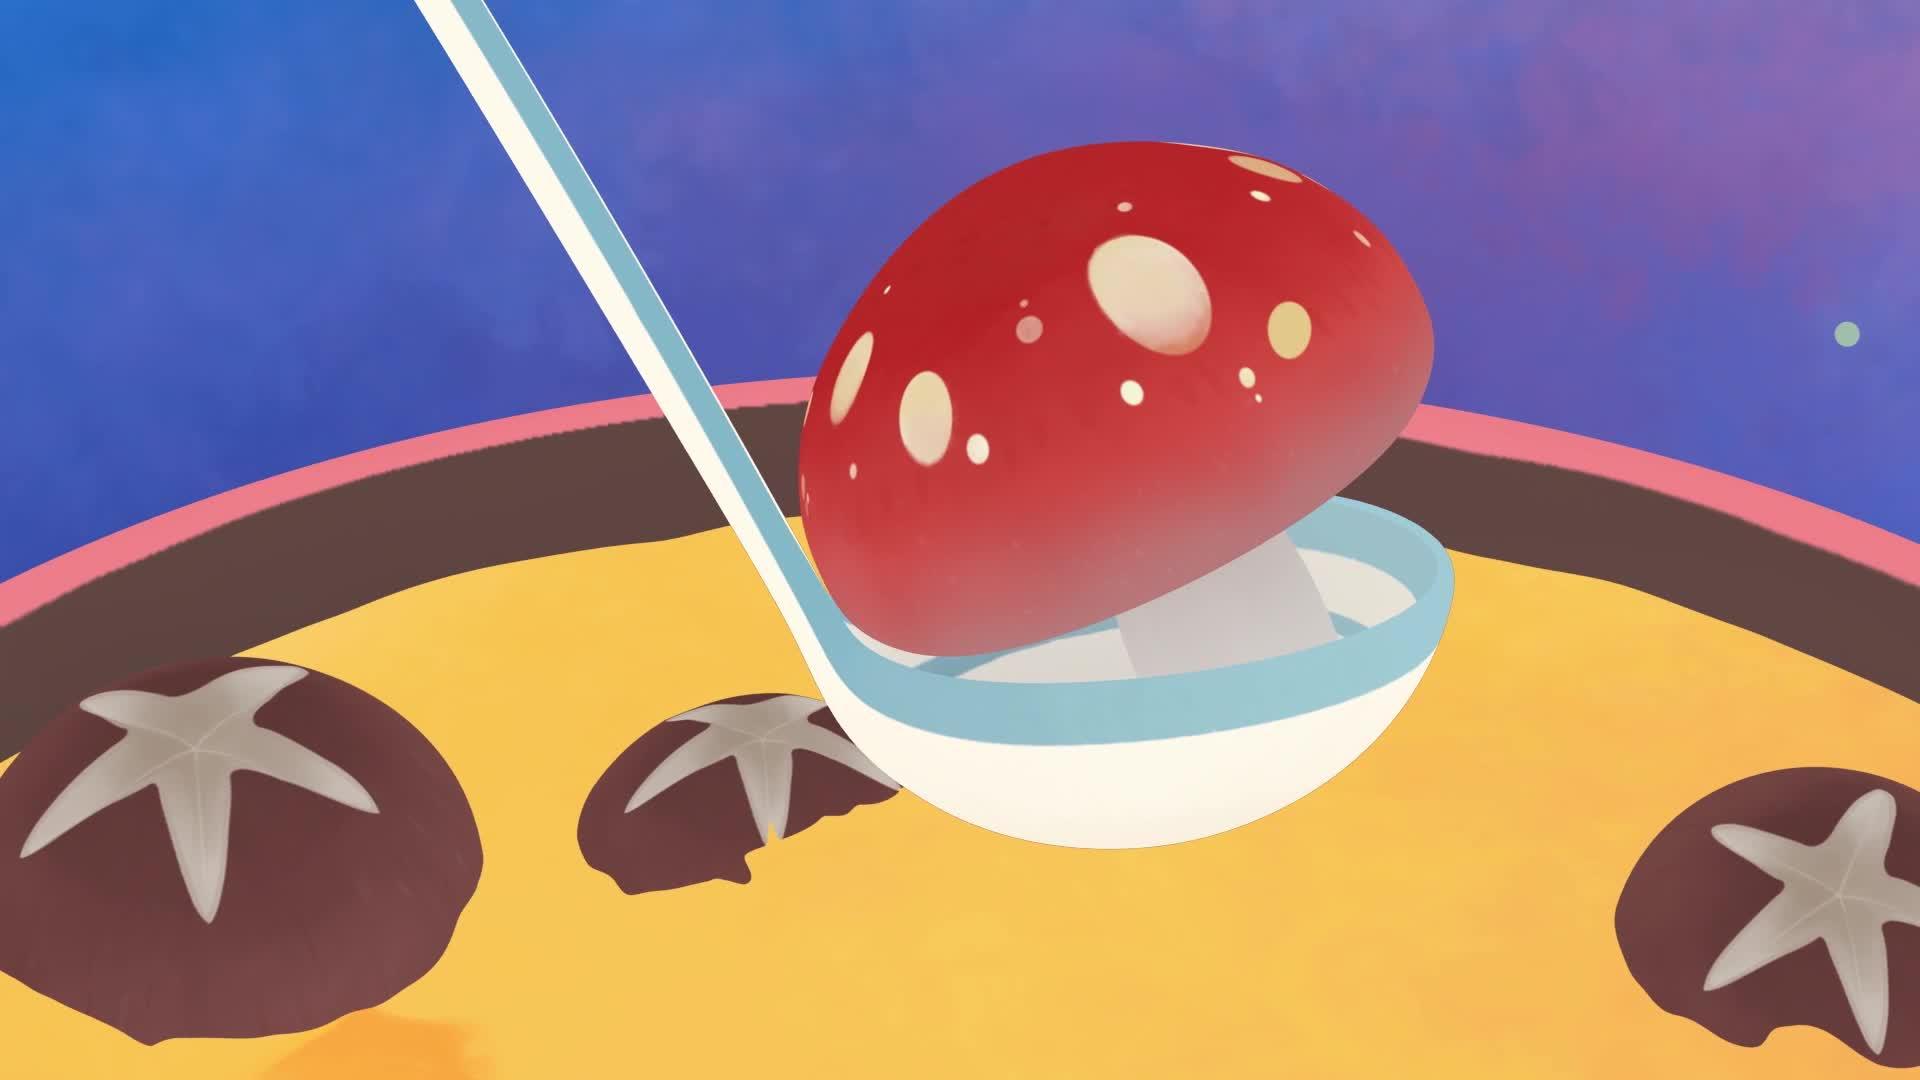 《小鸡彩虹》第七季 20漂亮的蘑菇